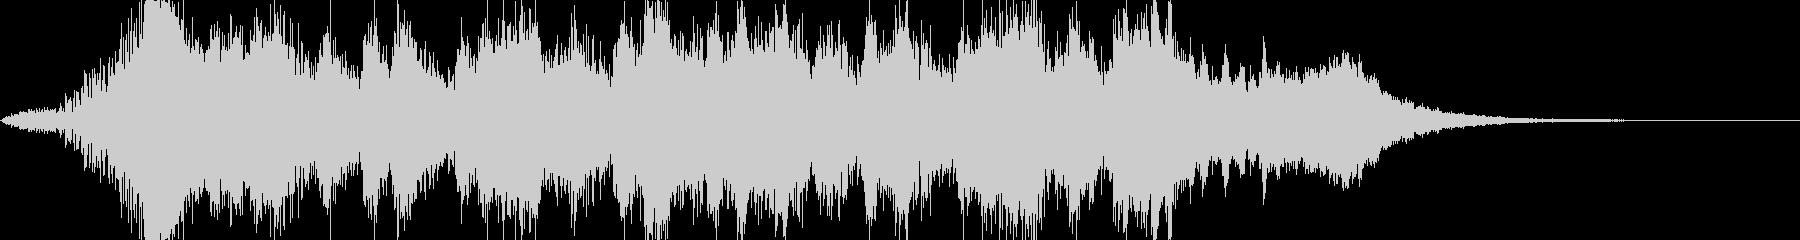 オーケストラ調、クリアジングルの未再生の波形